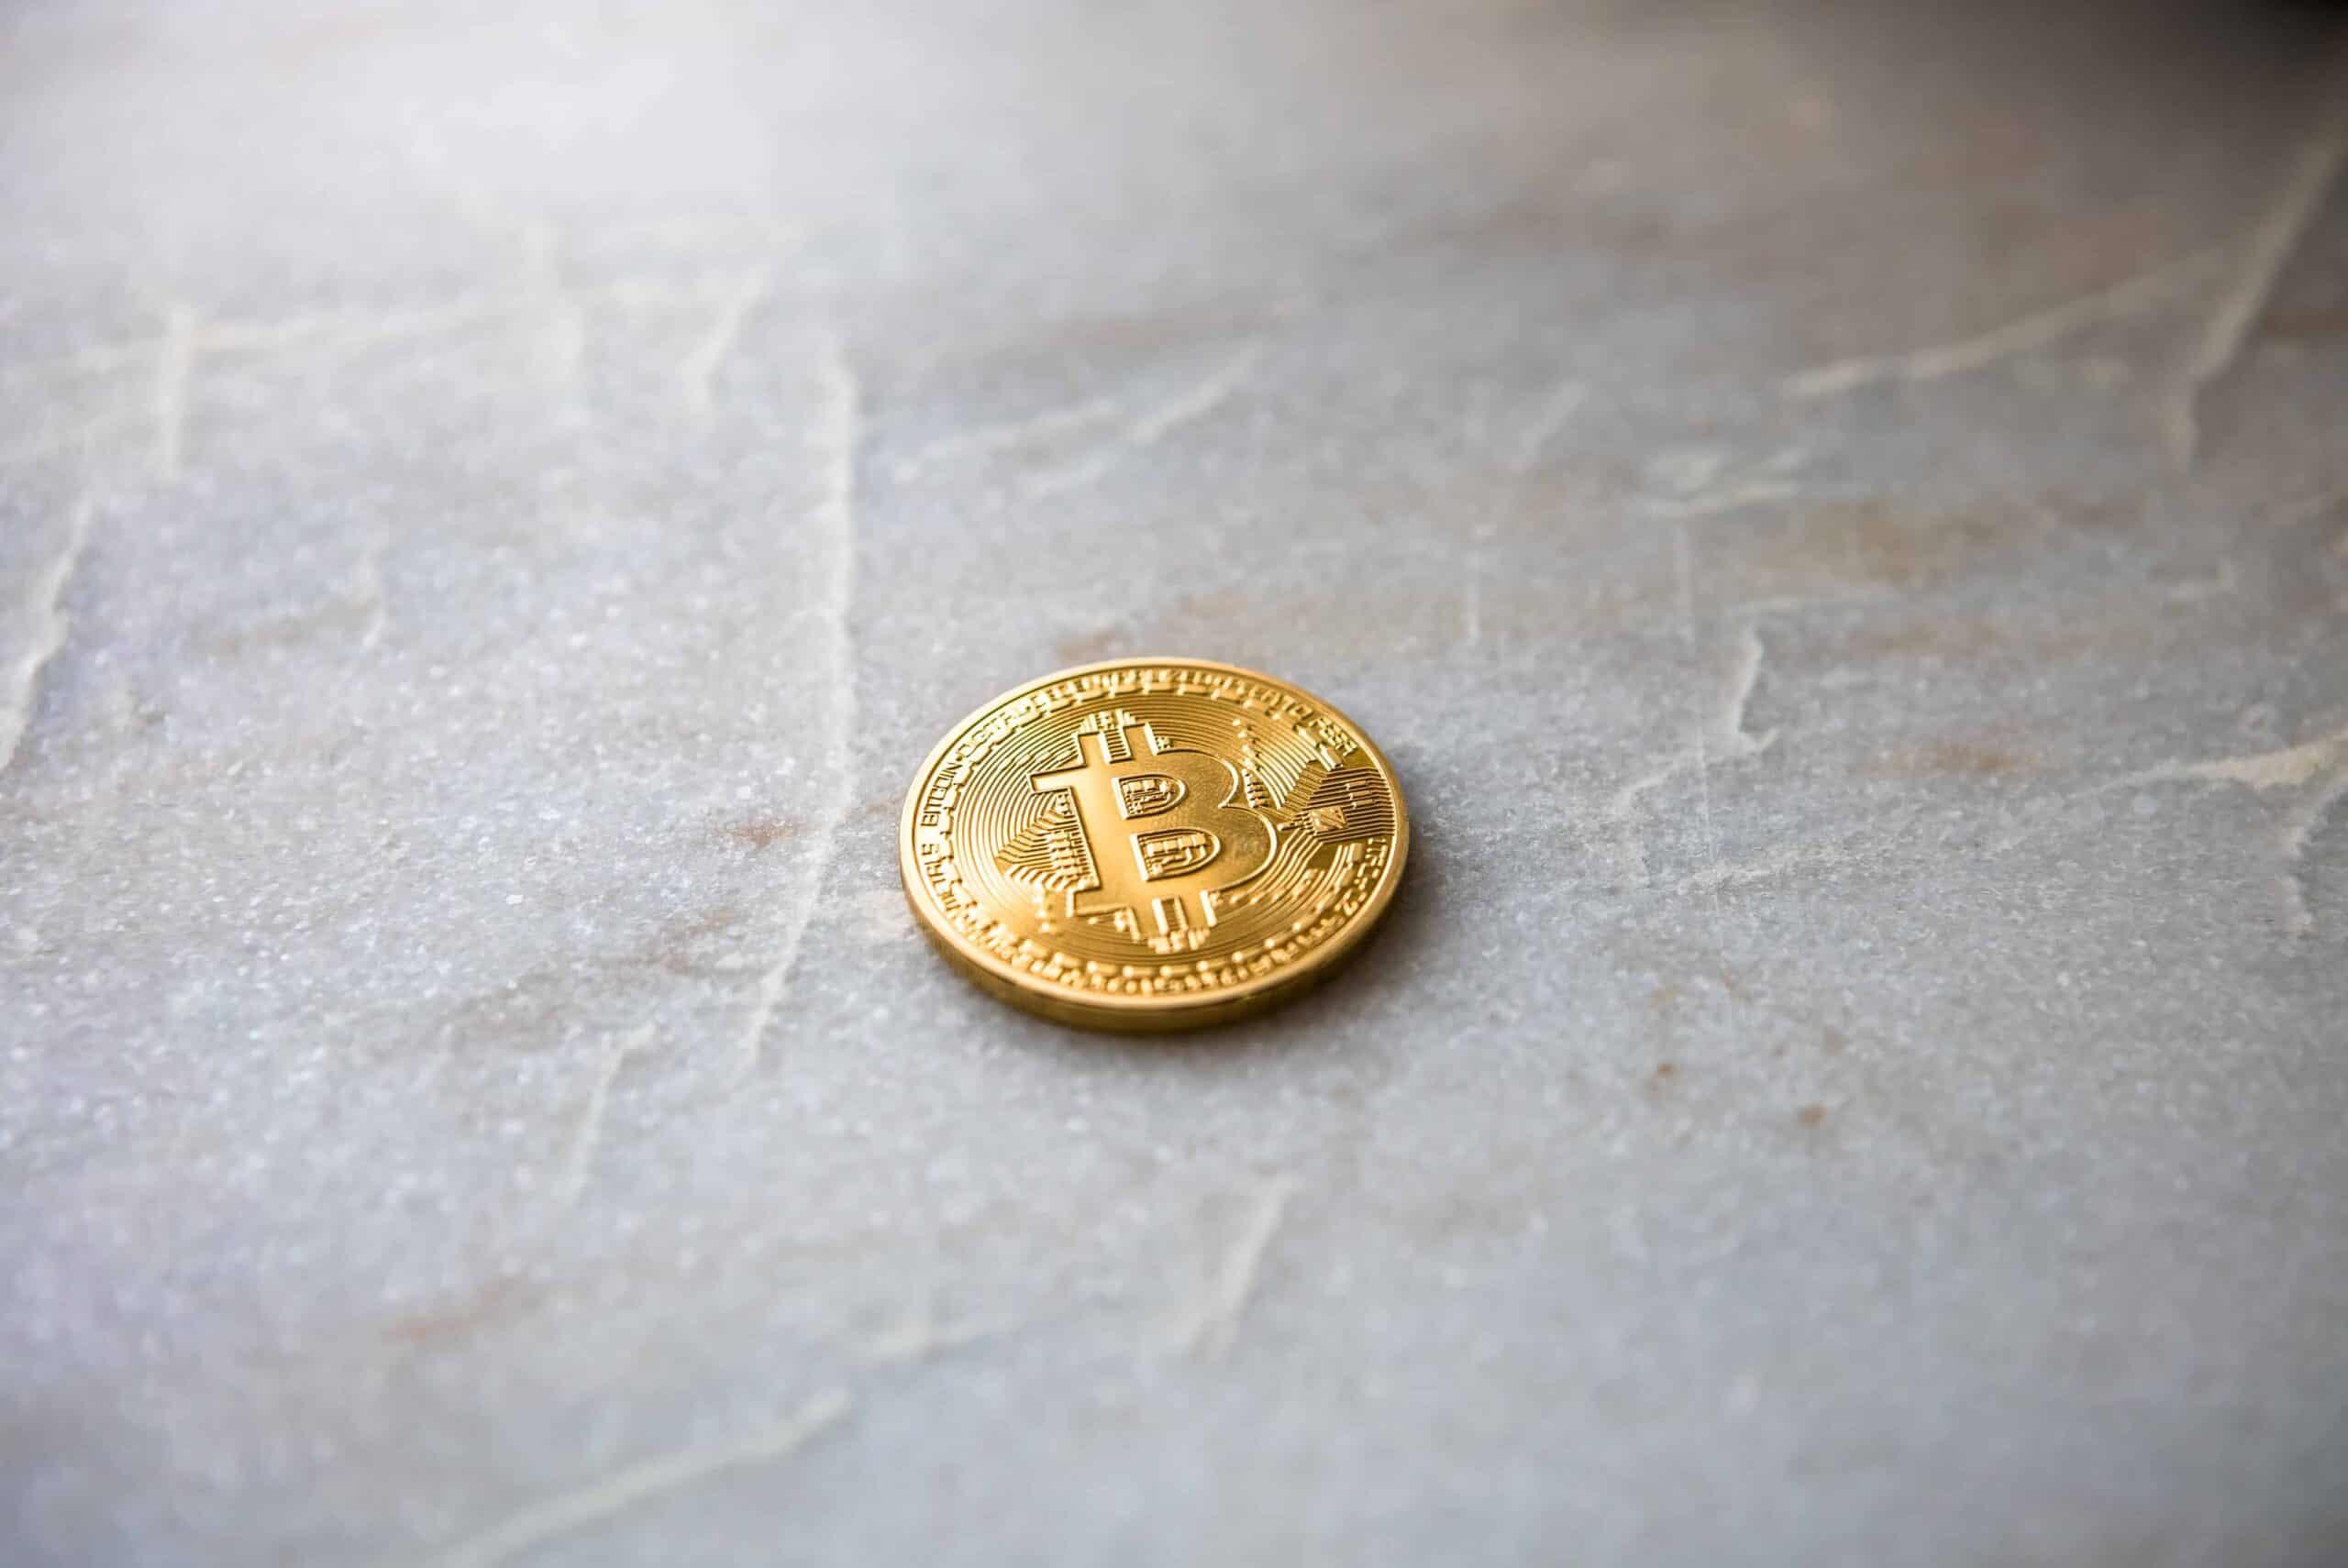 Toekomst van cryptocurrency - FinanceMonkey